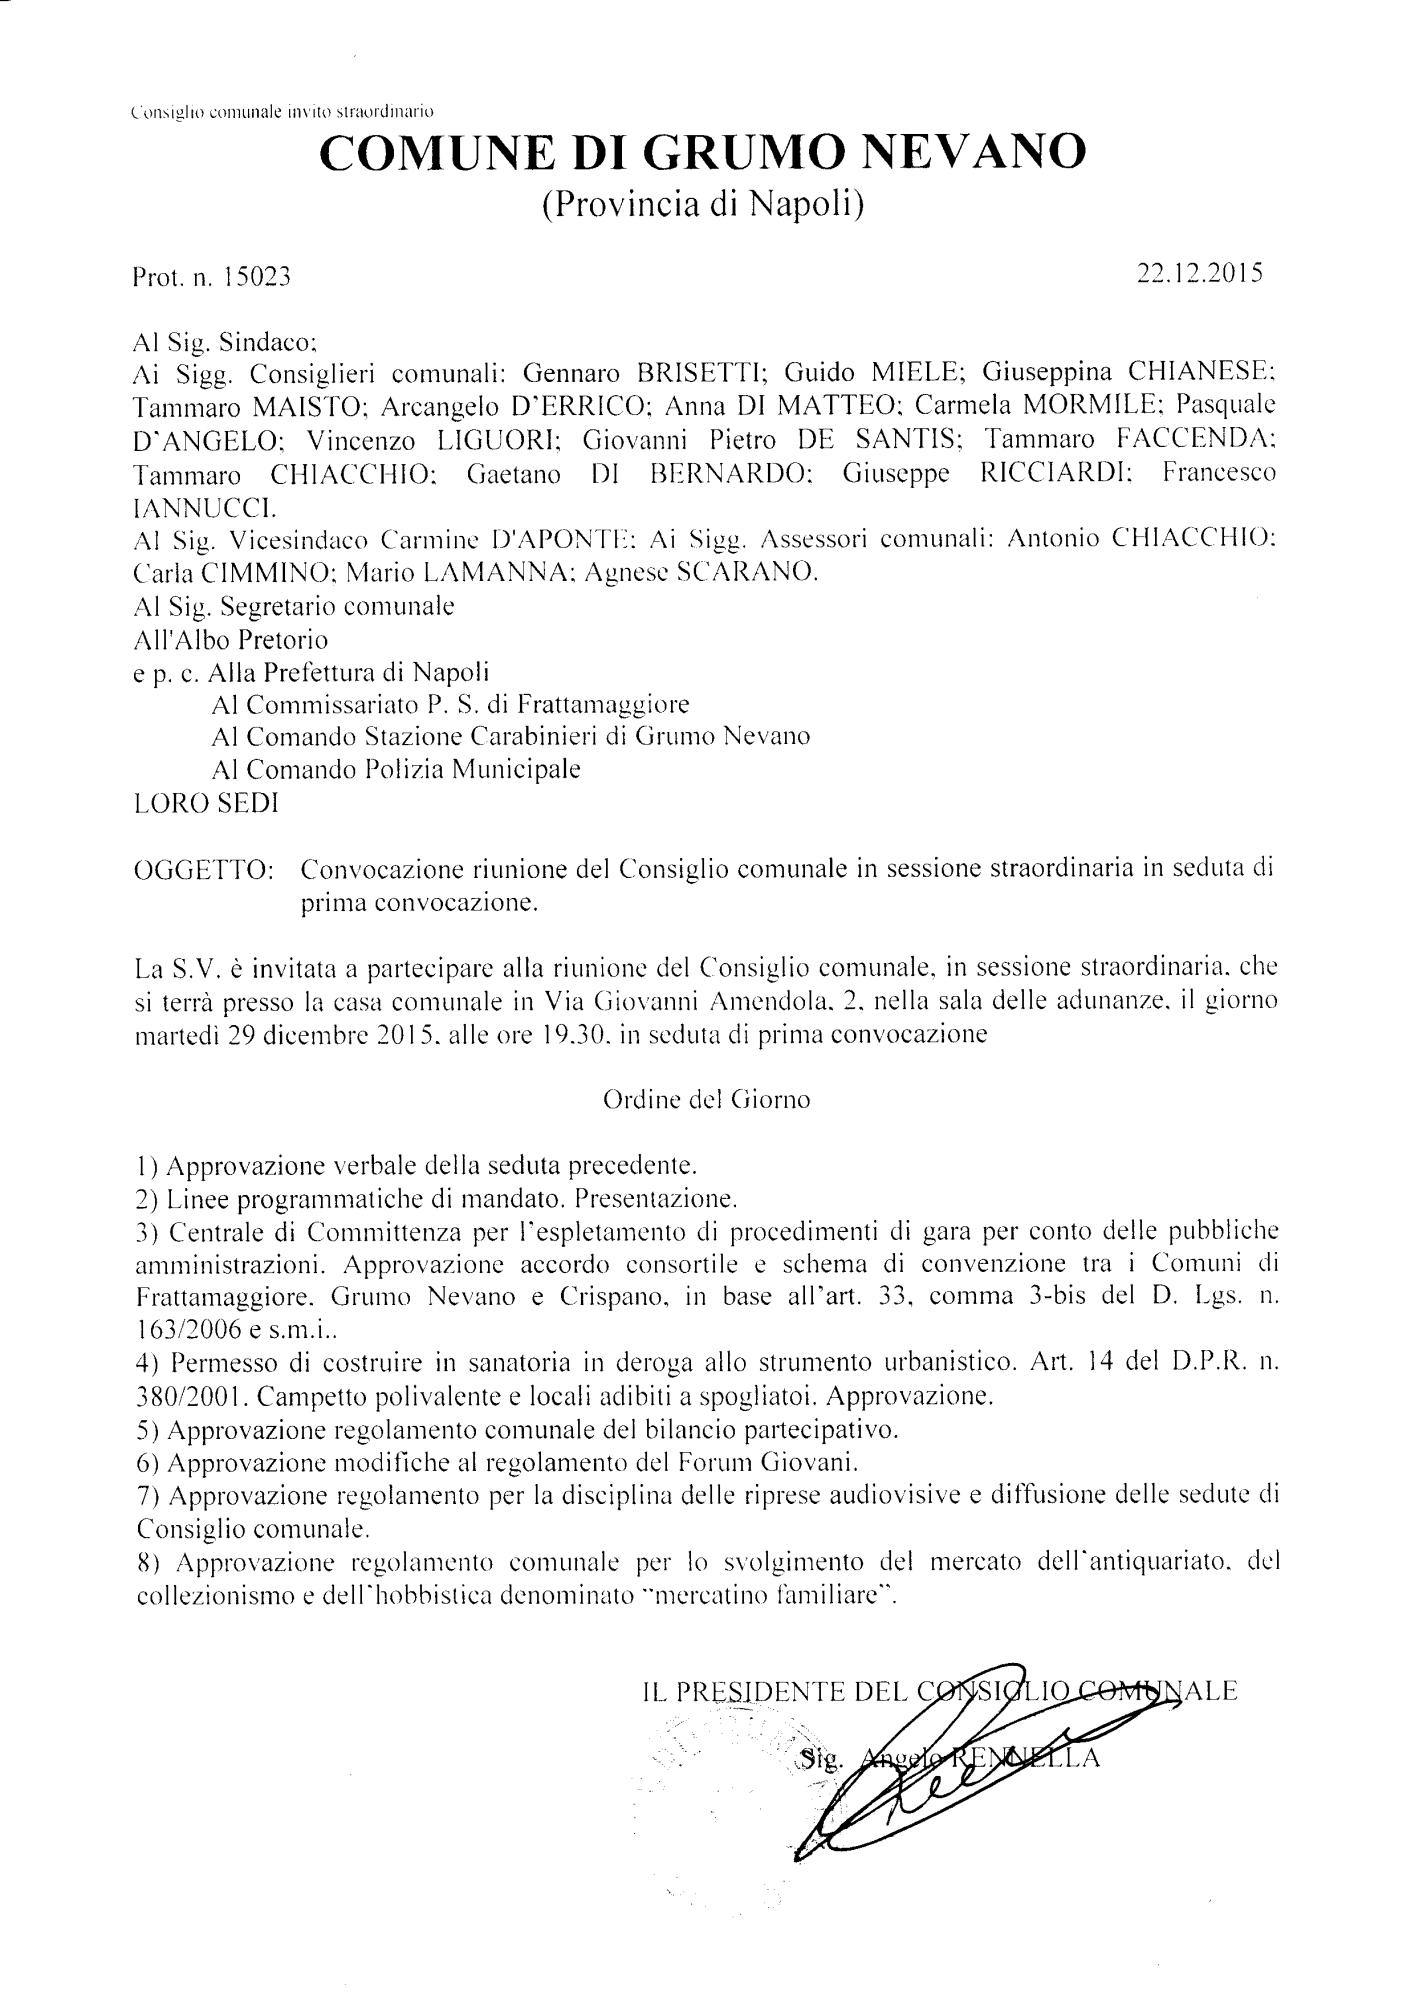 convocazione_Consiglio_comunale_29.12.2015